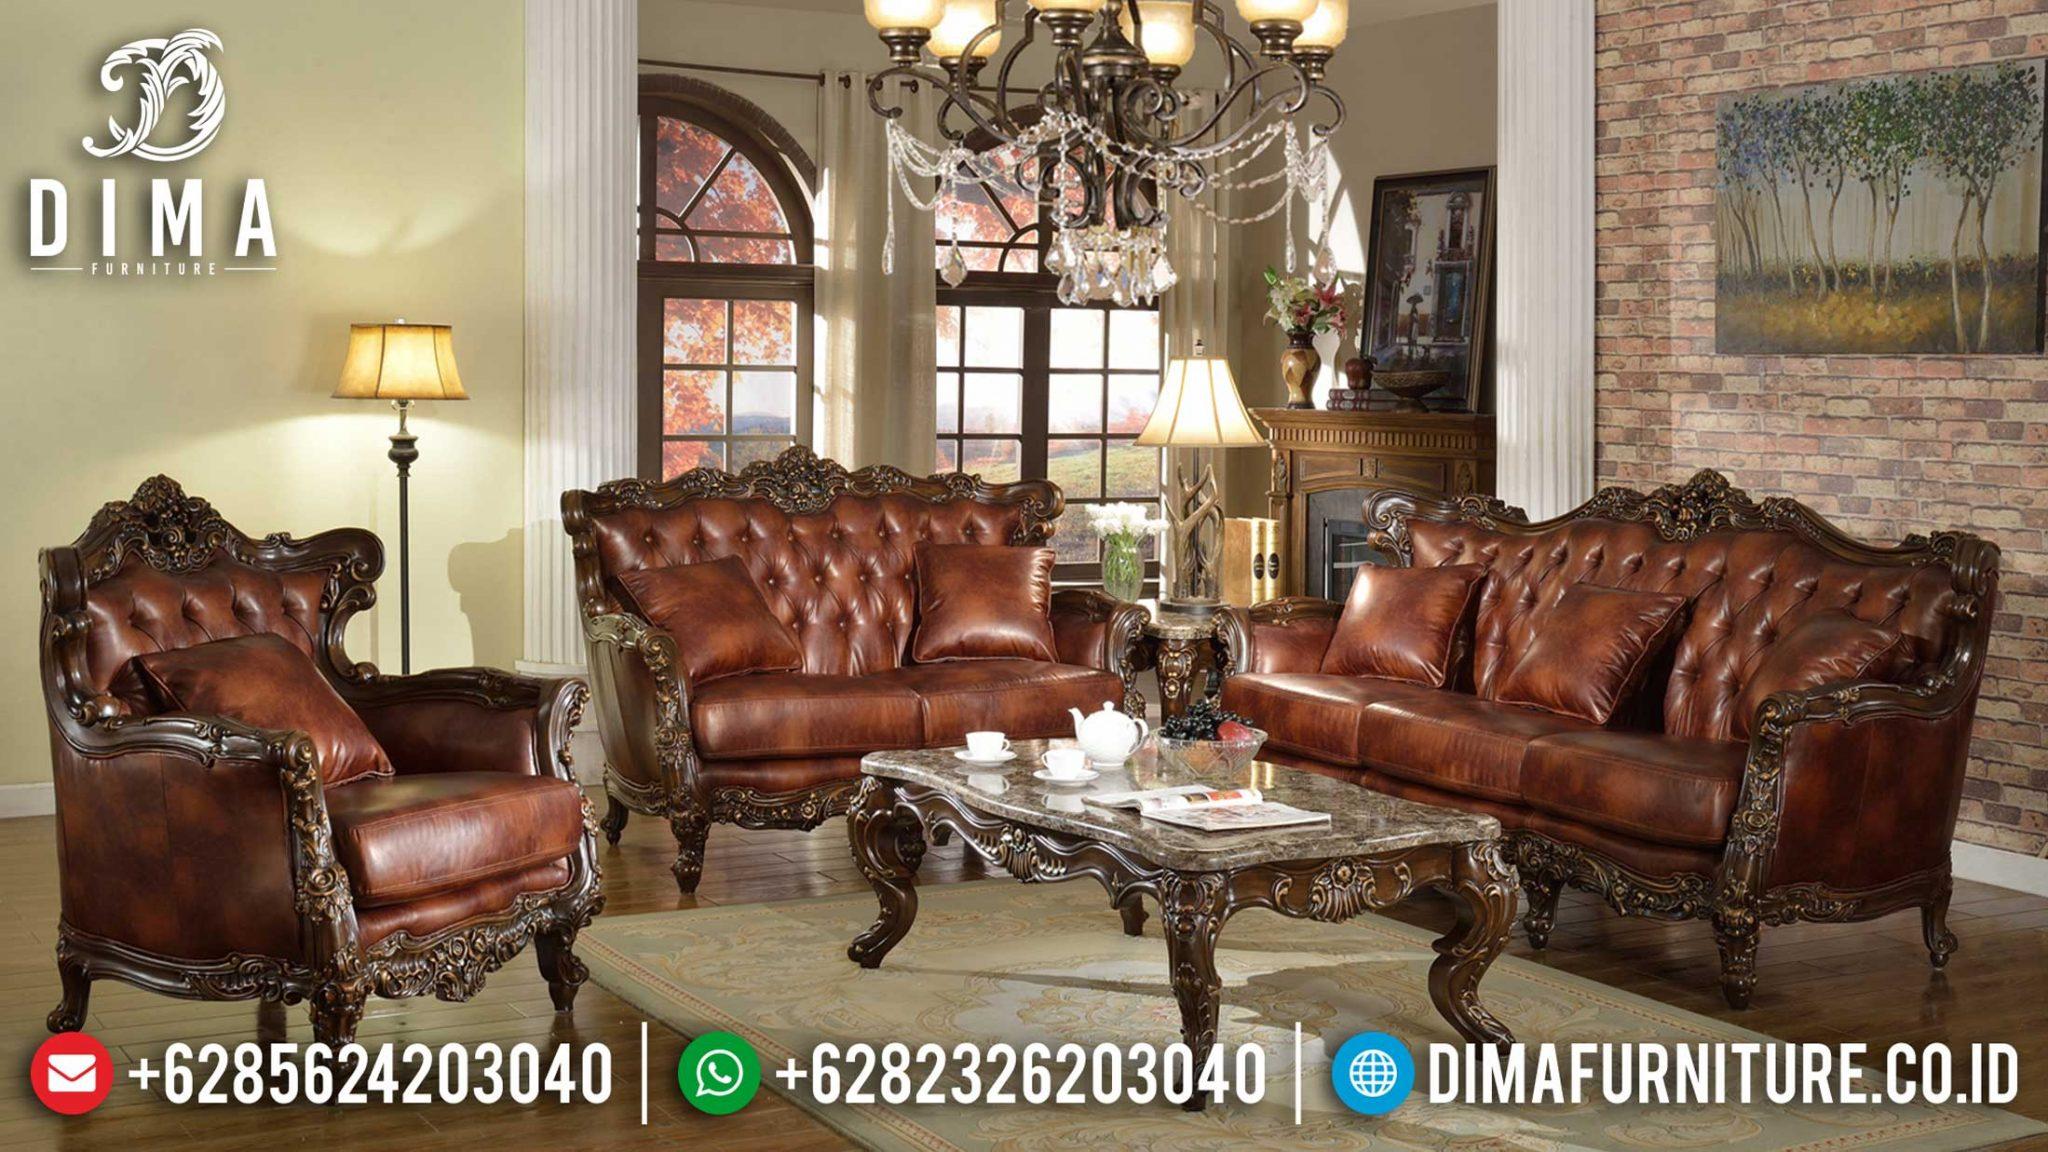 Jual Sofa Mewah Ruang Tamu Luxury Classic Harga Terjangkau New Desain ST-0977